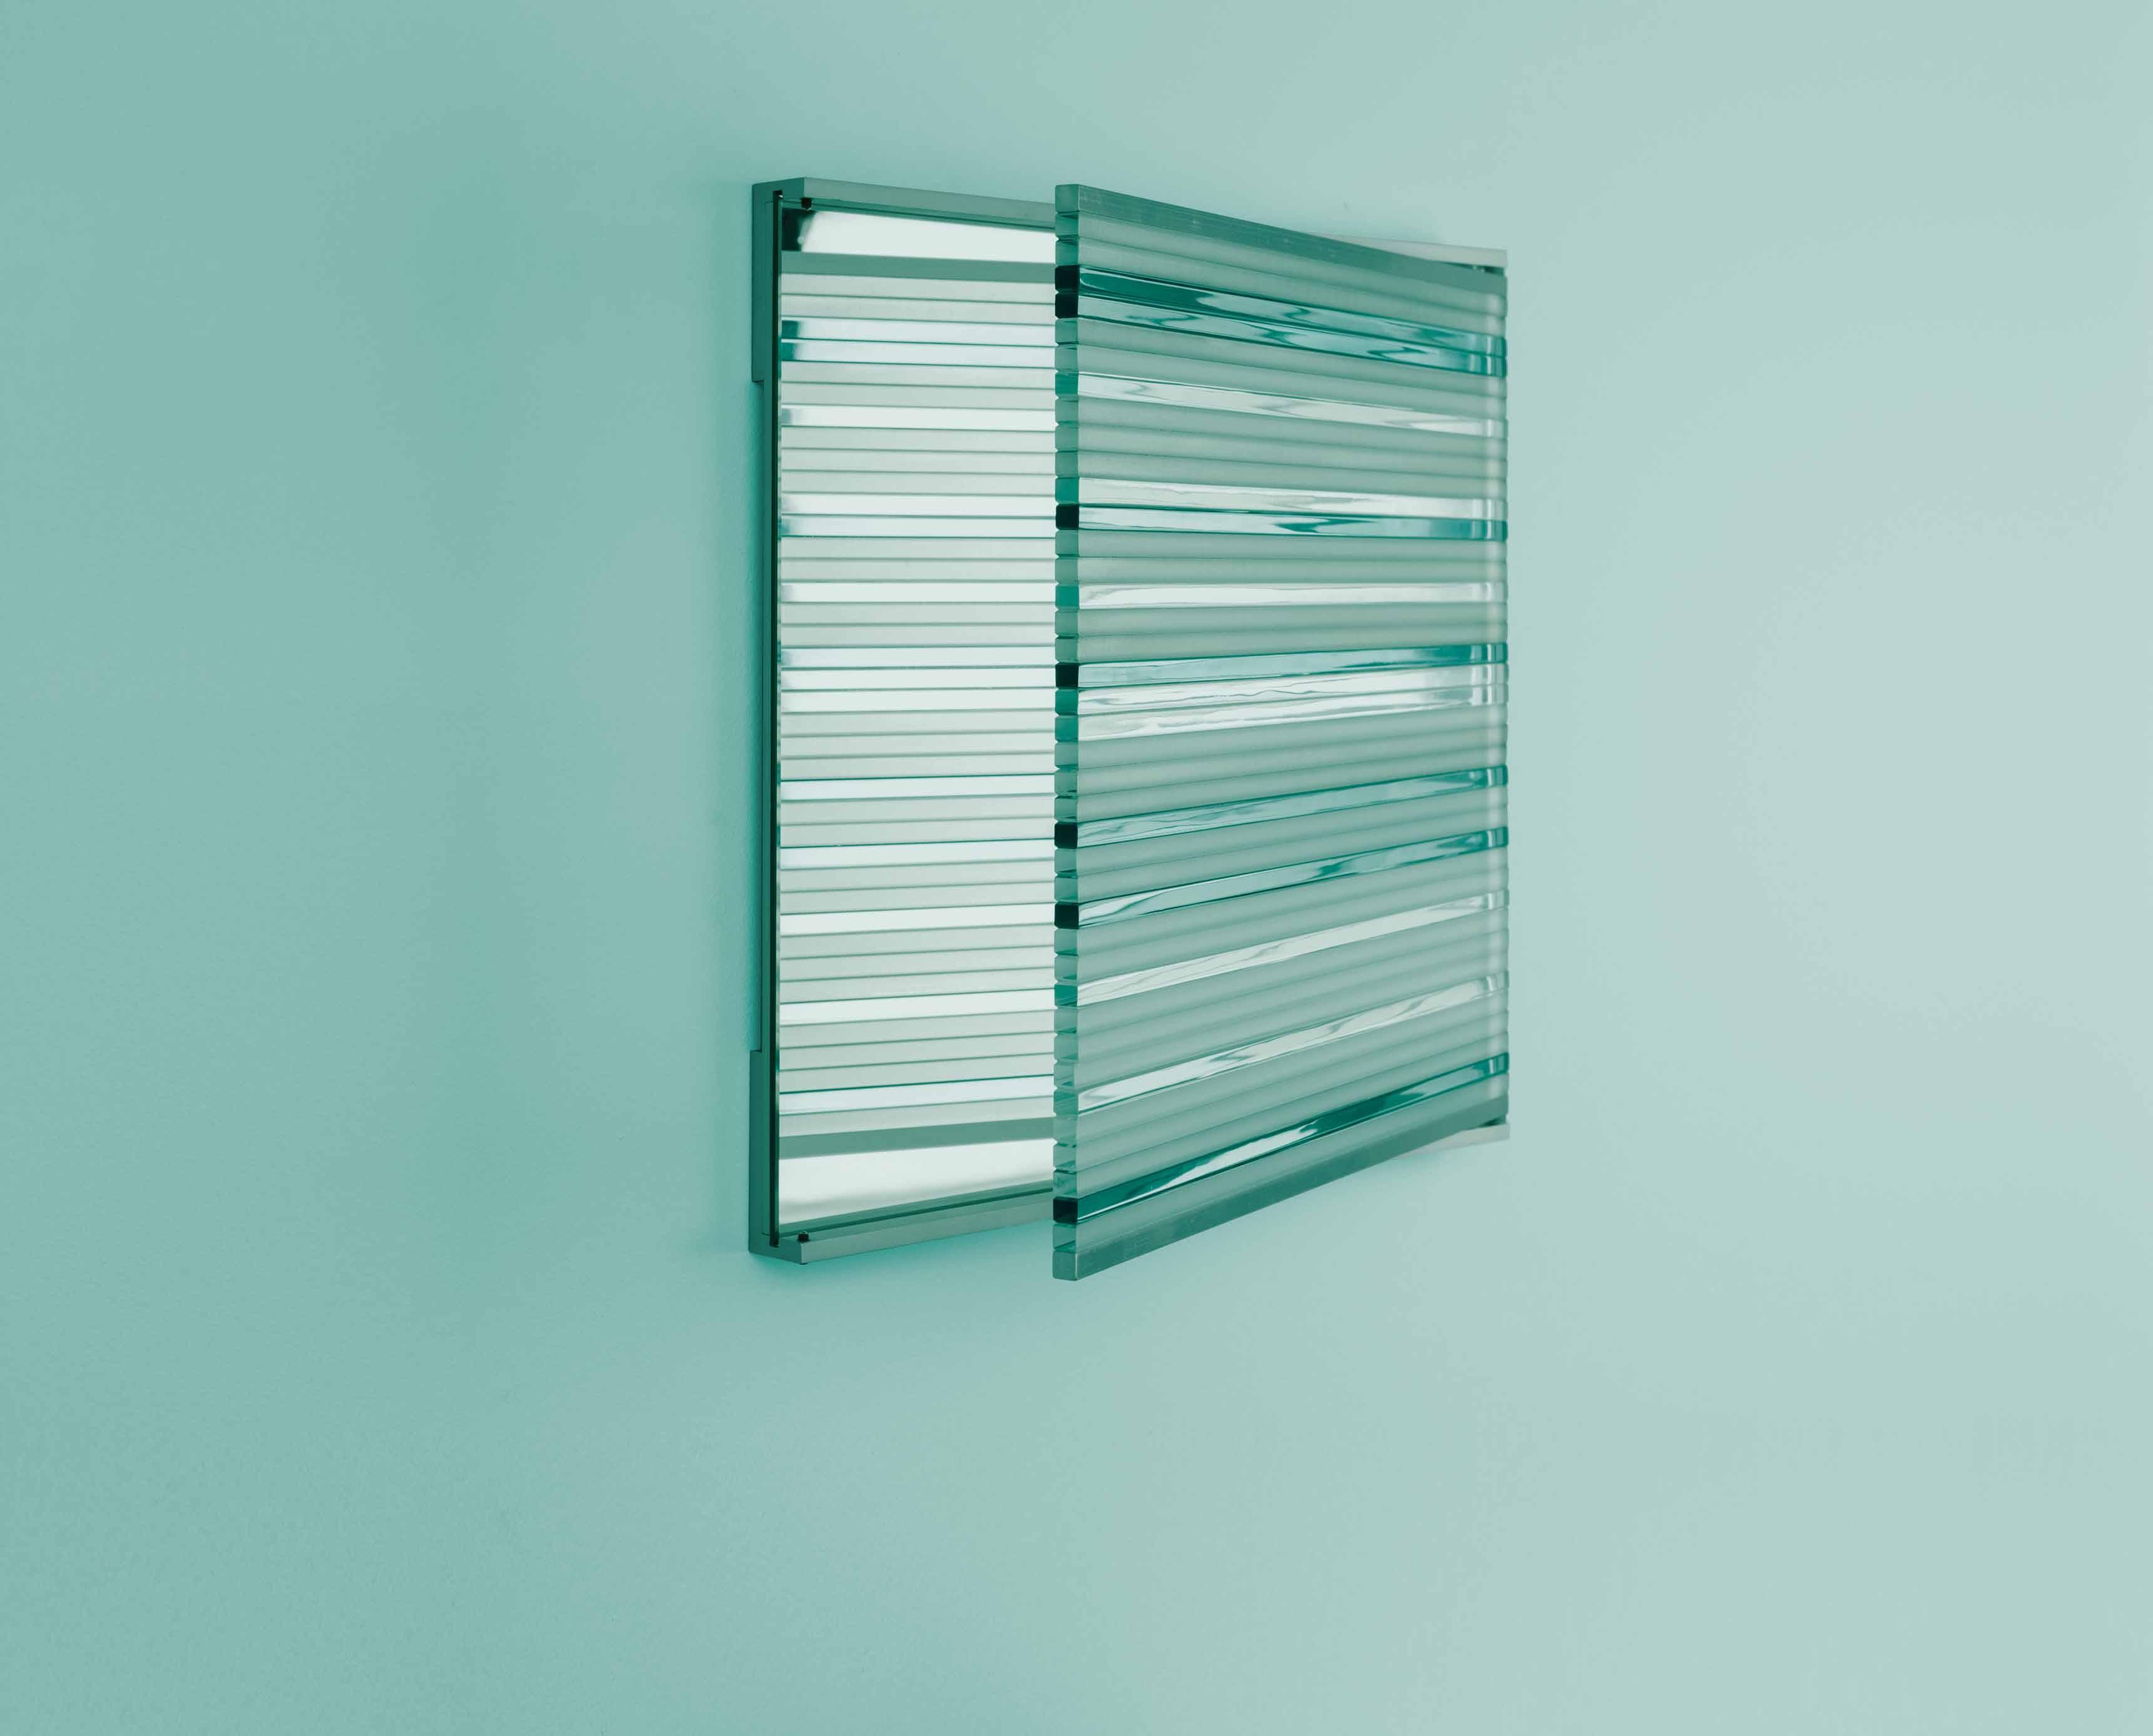 Miroir G.G.17 (2017) de Thomas Lemut. Verre trempé, acier et aluminium, éd. limitée à 8 ex. + 2AP + 2P par la Galler y Fumi,